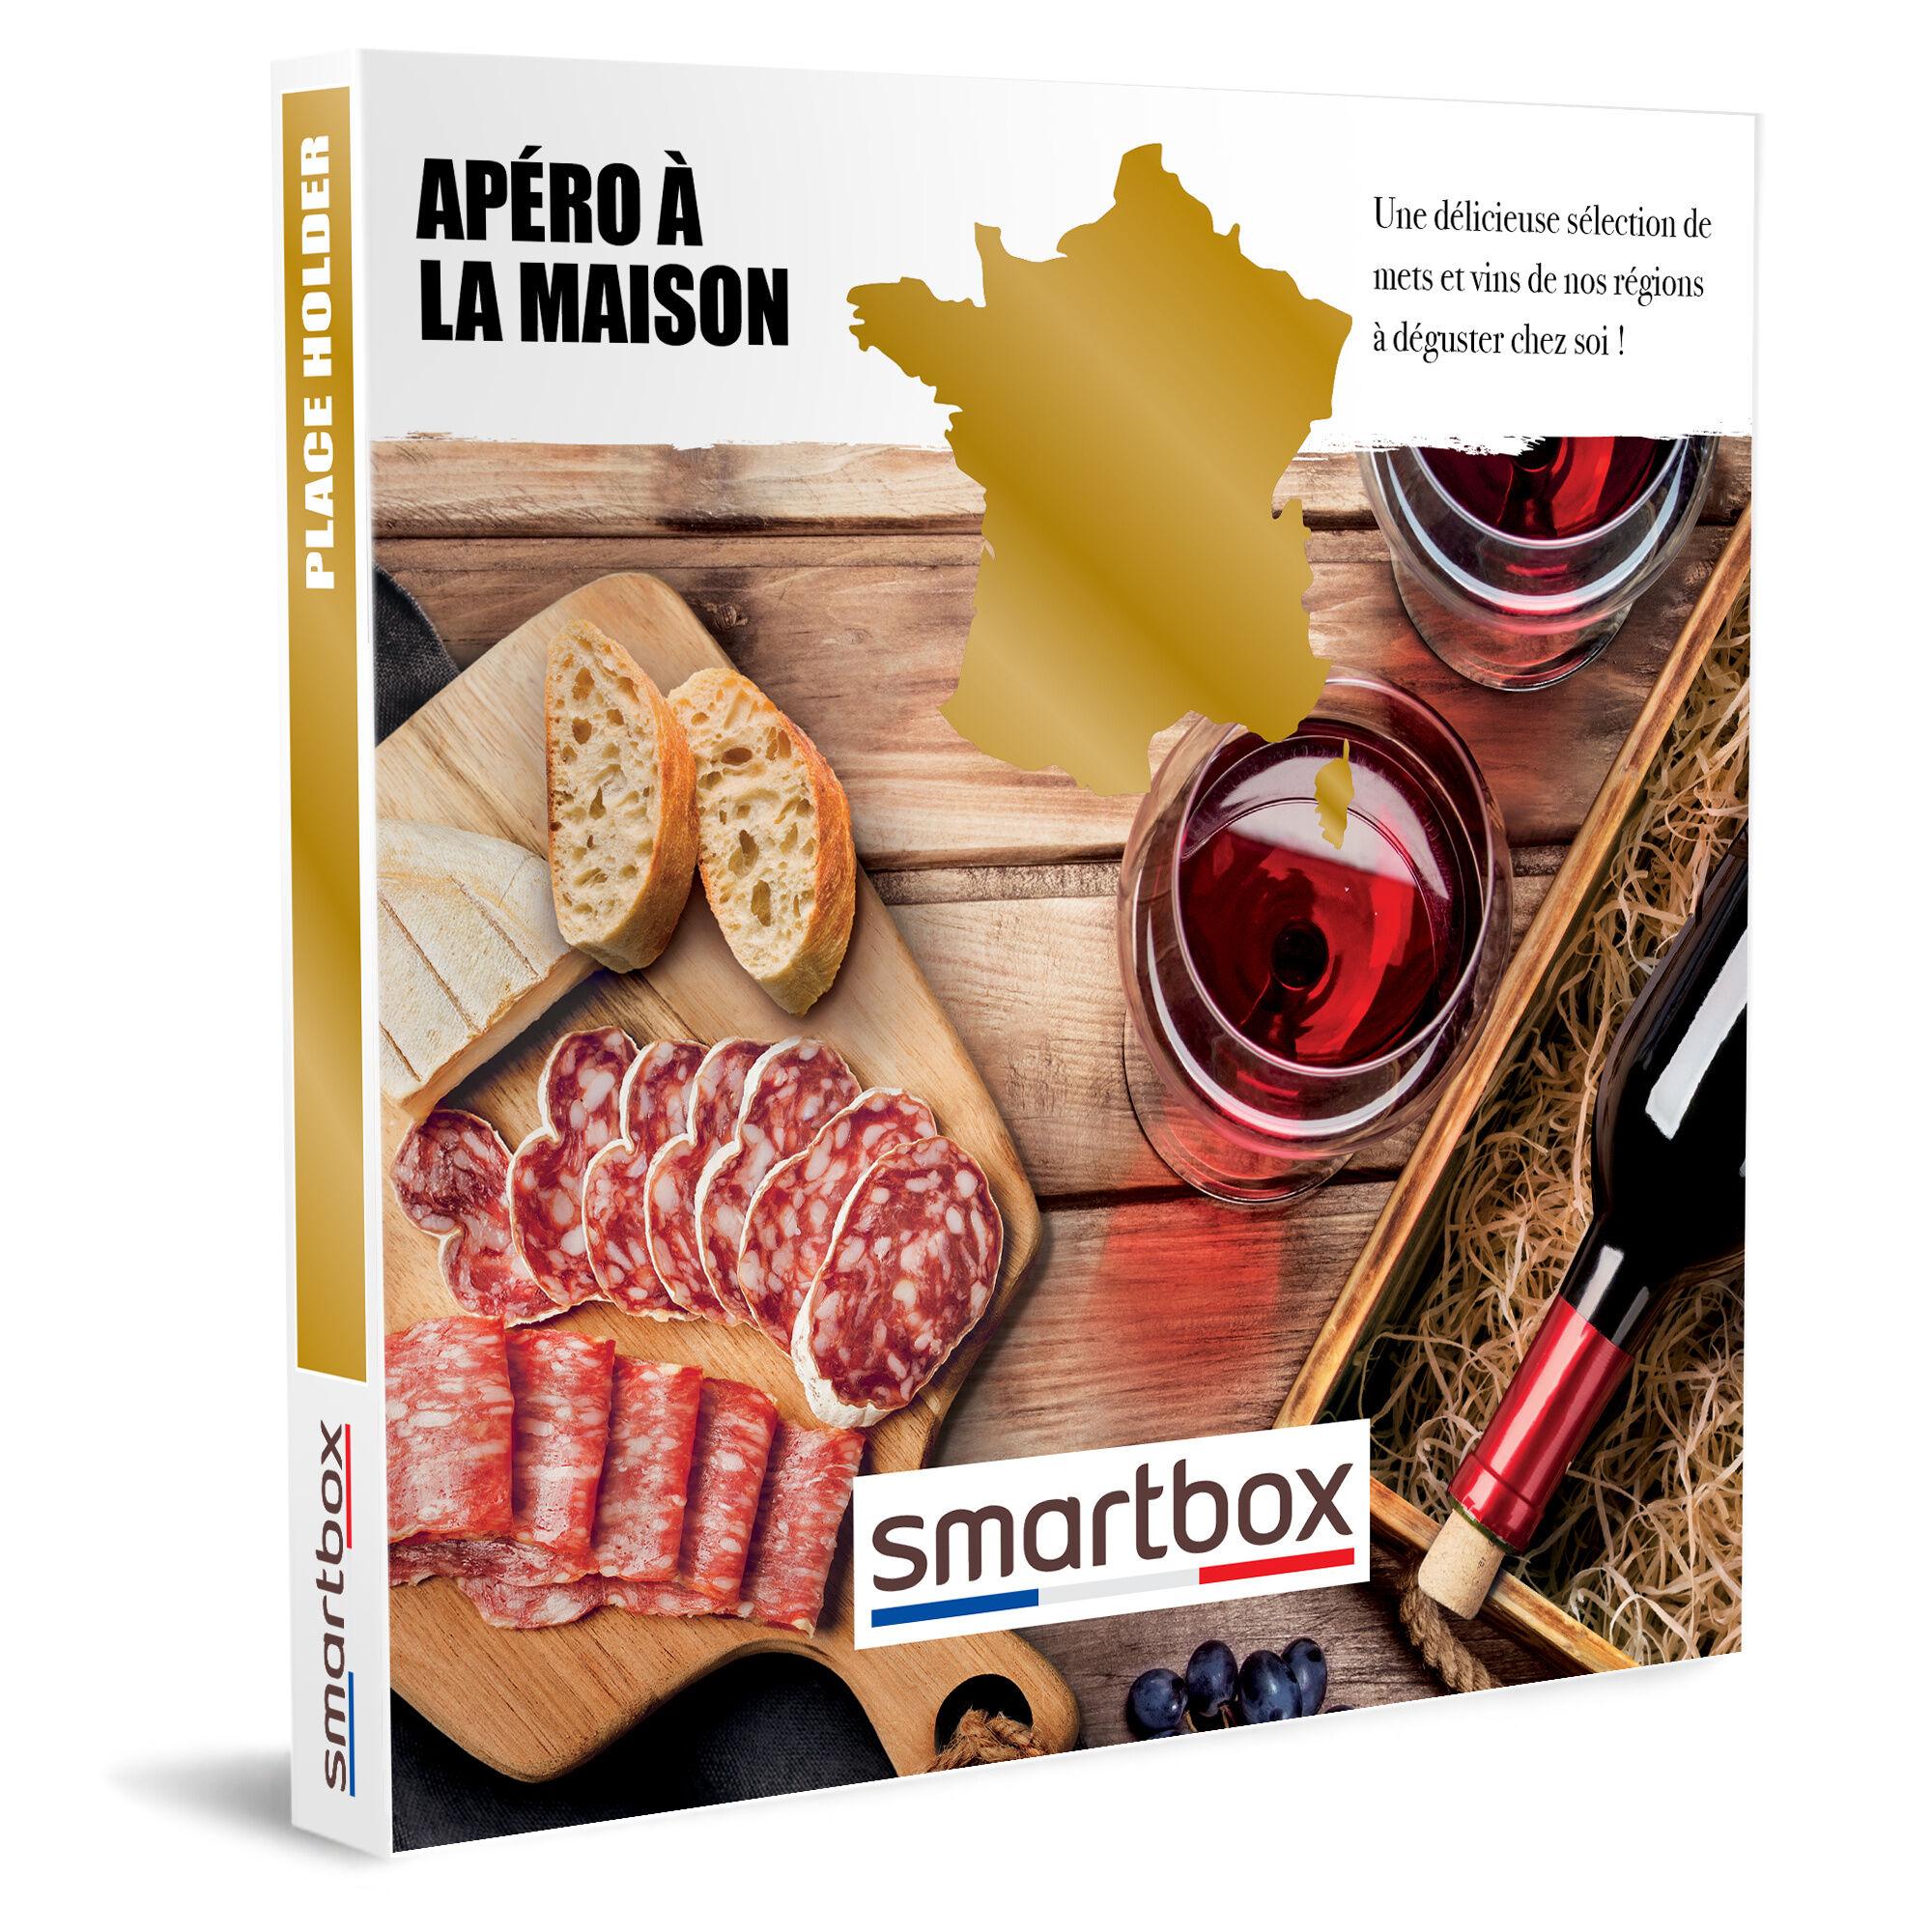 Smartbox Apéro à la maison Coffret cadeau Smartbox